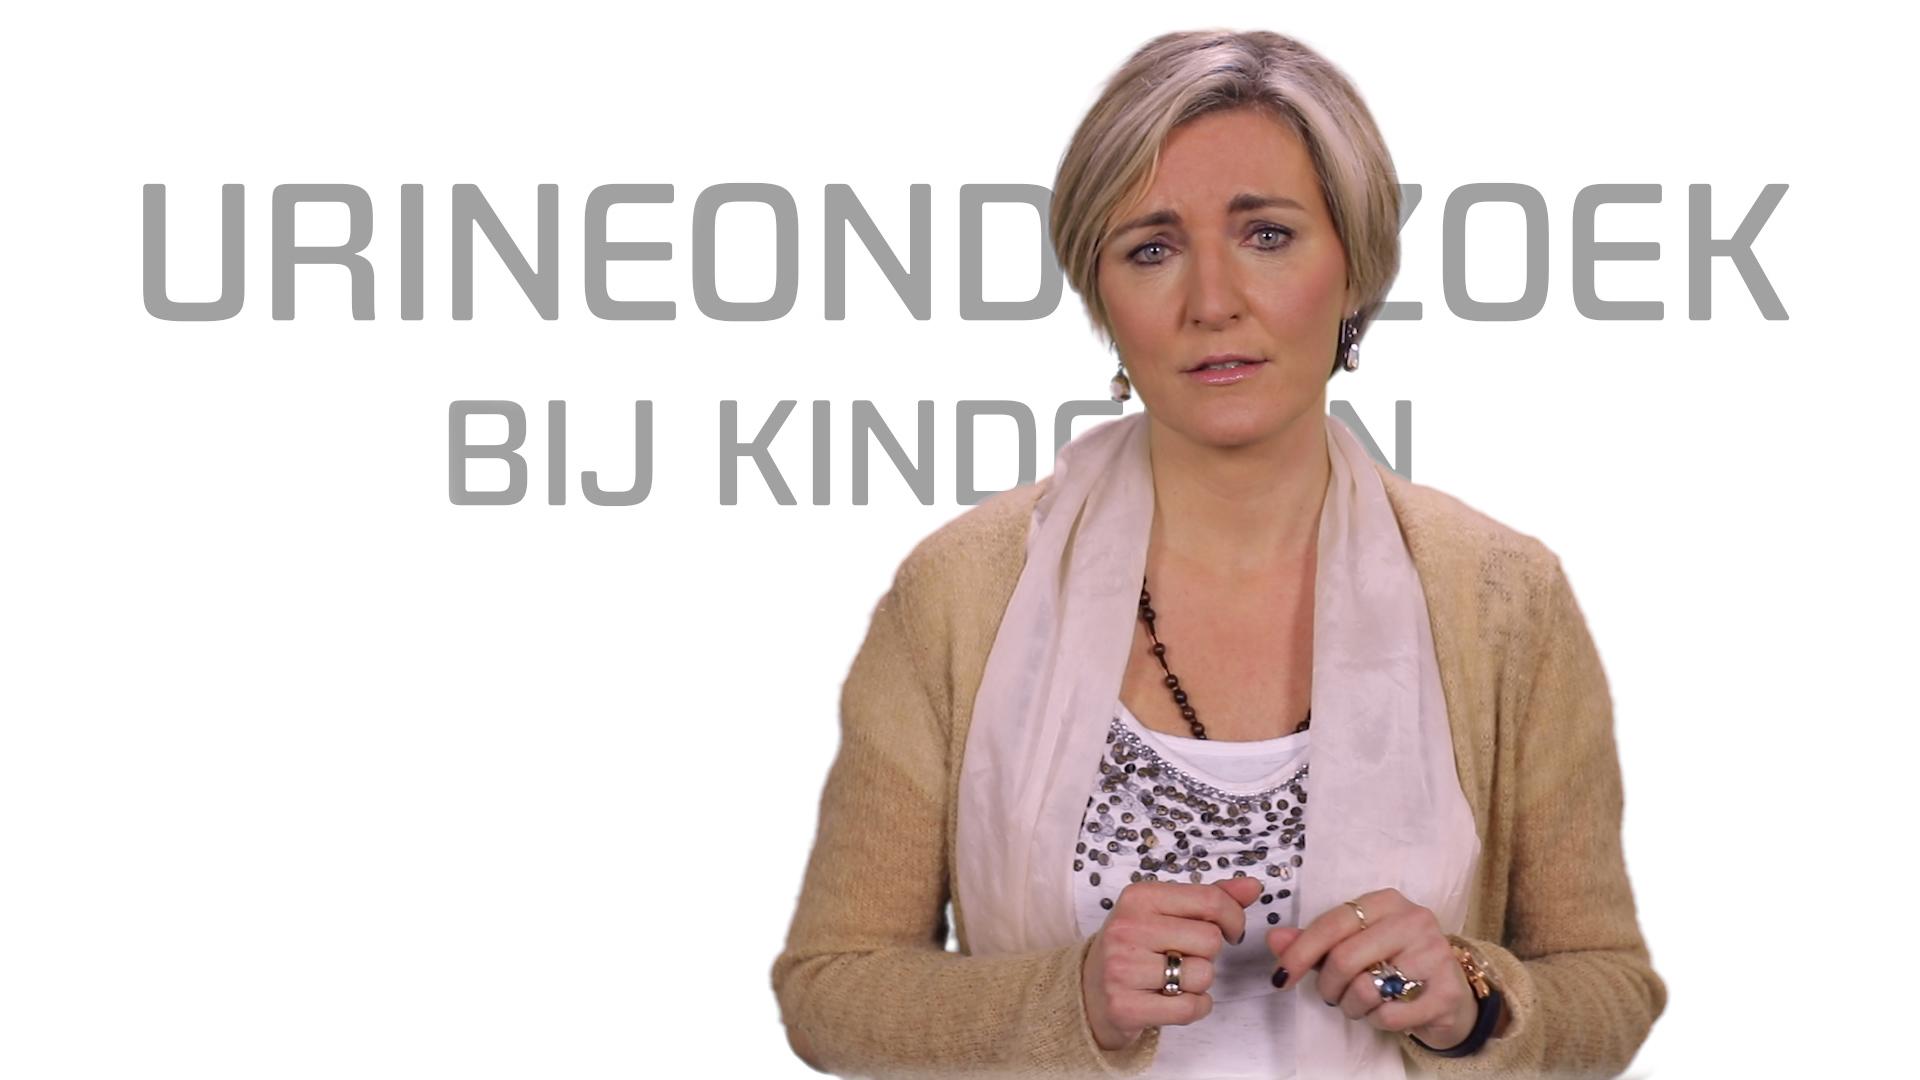 Bekijk de video: Urineonderzoek bij kinderen